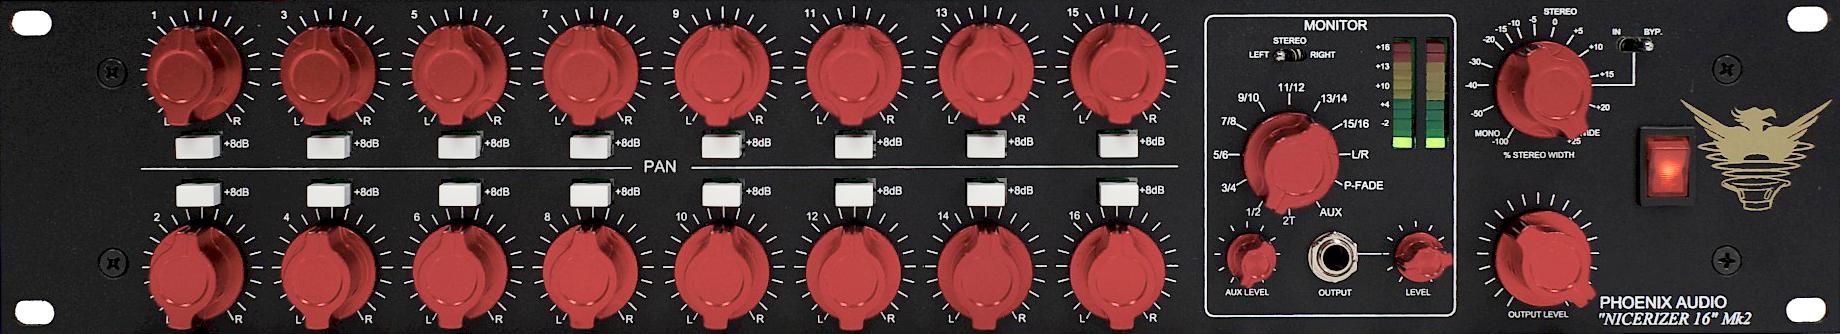 Audio - EFFETS ET TRAITEMENT - PHOENIX AUDIO - PHONIC16 - Royez Musik